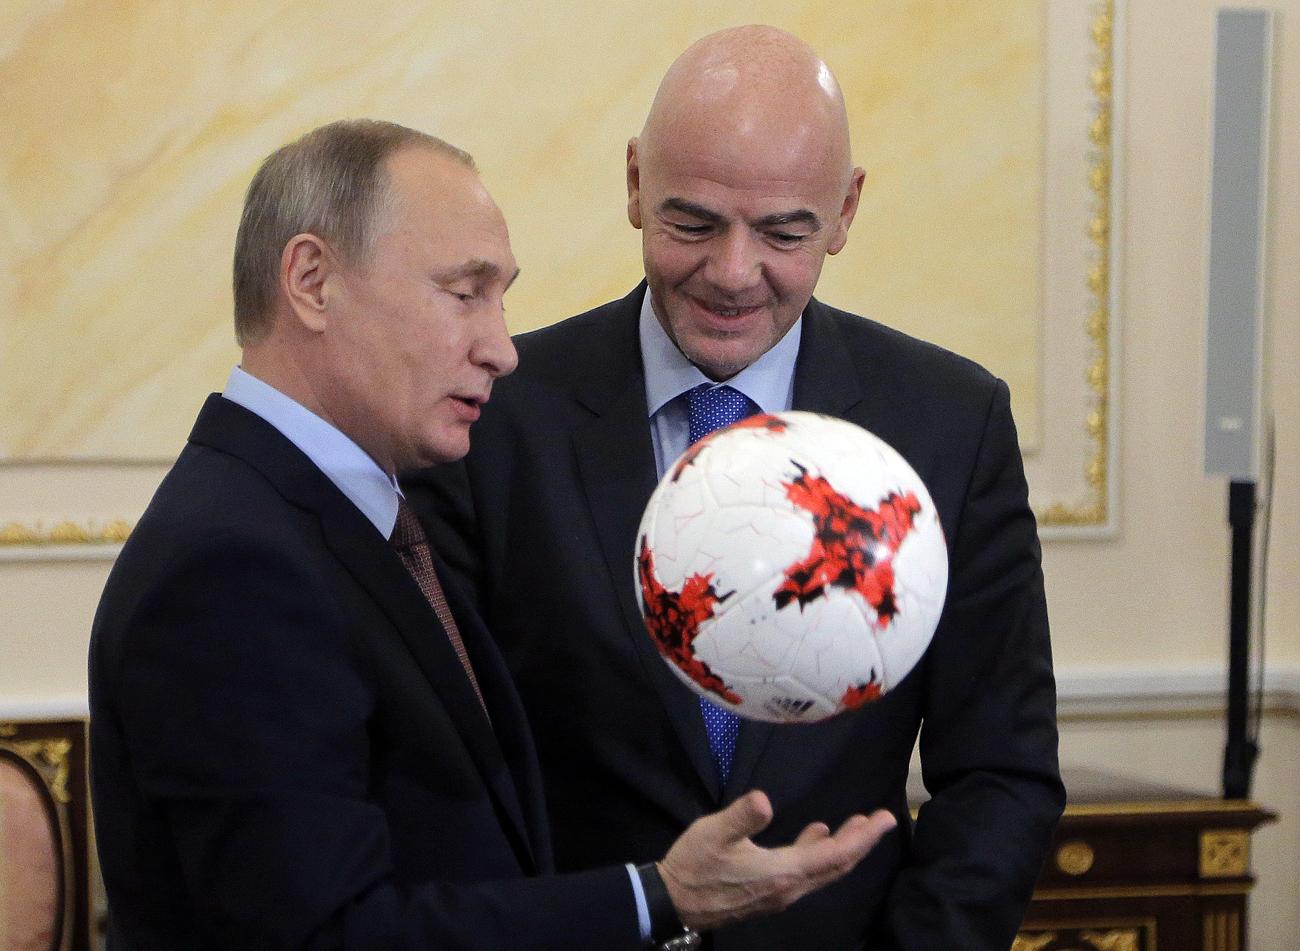 Ruski predsednik Vladimir Putin z uradno žogo Pokala konfederacij in predsednik FIFE Gianni Infantino.